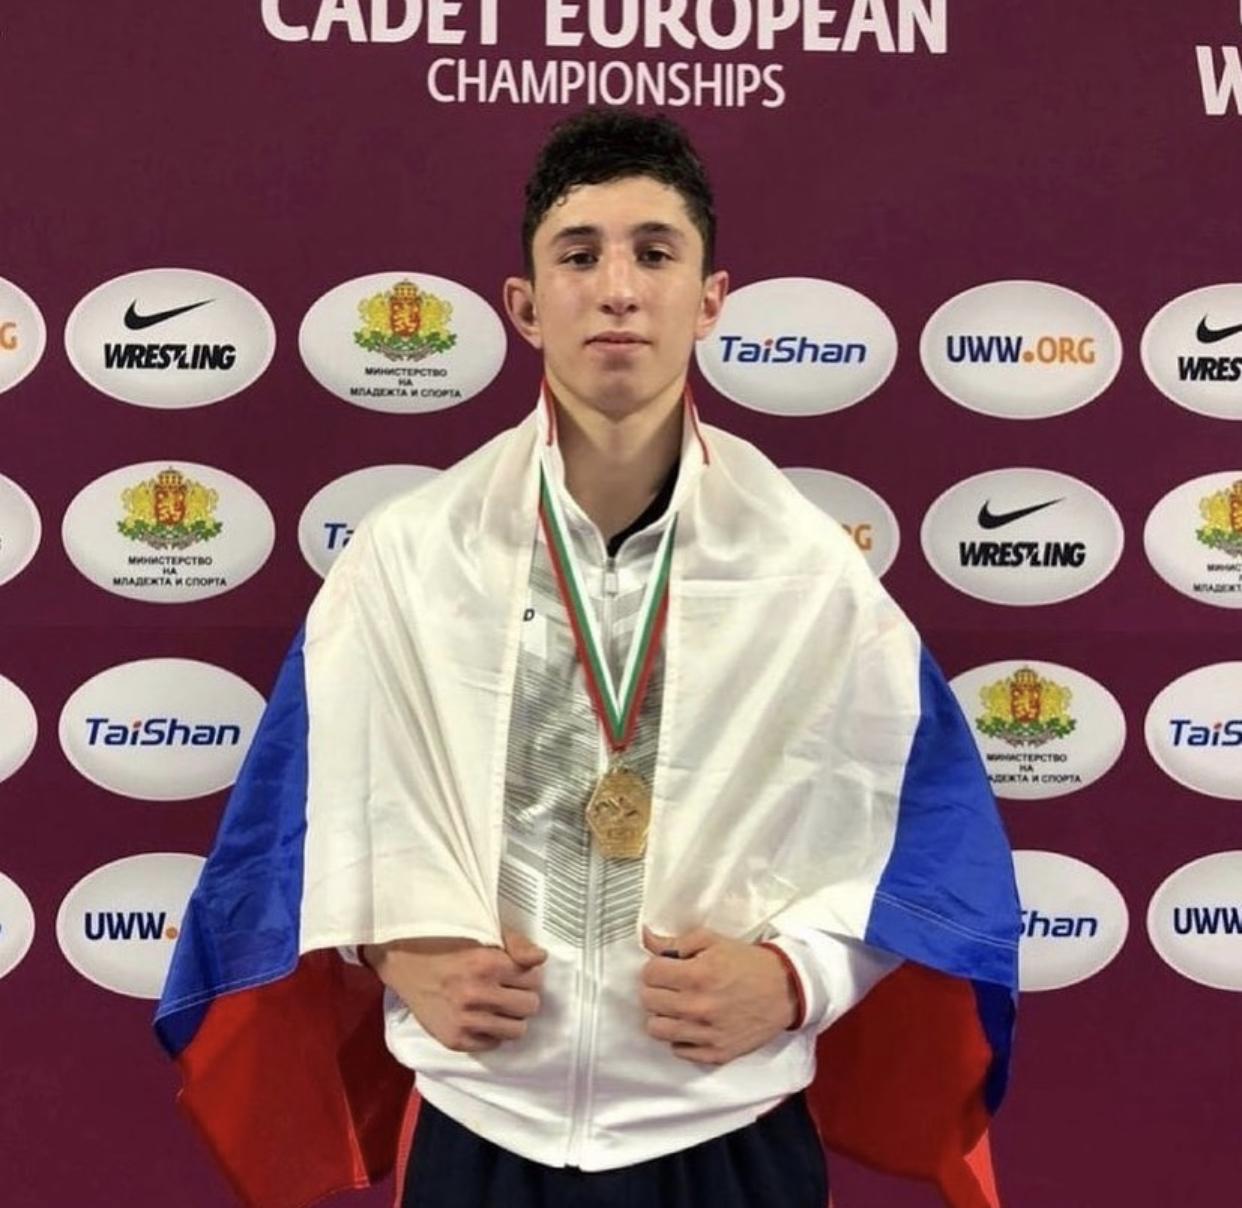 Марат Фадзаев победил на первенстве Европы по вольной борьбе среди юношей